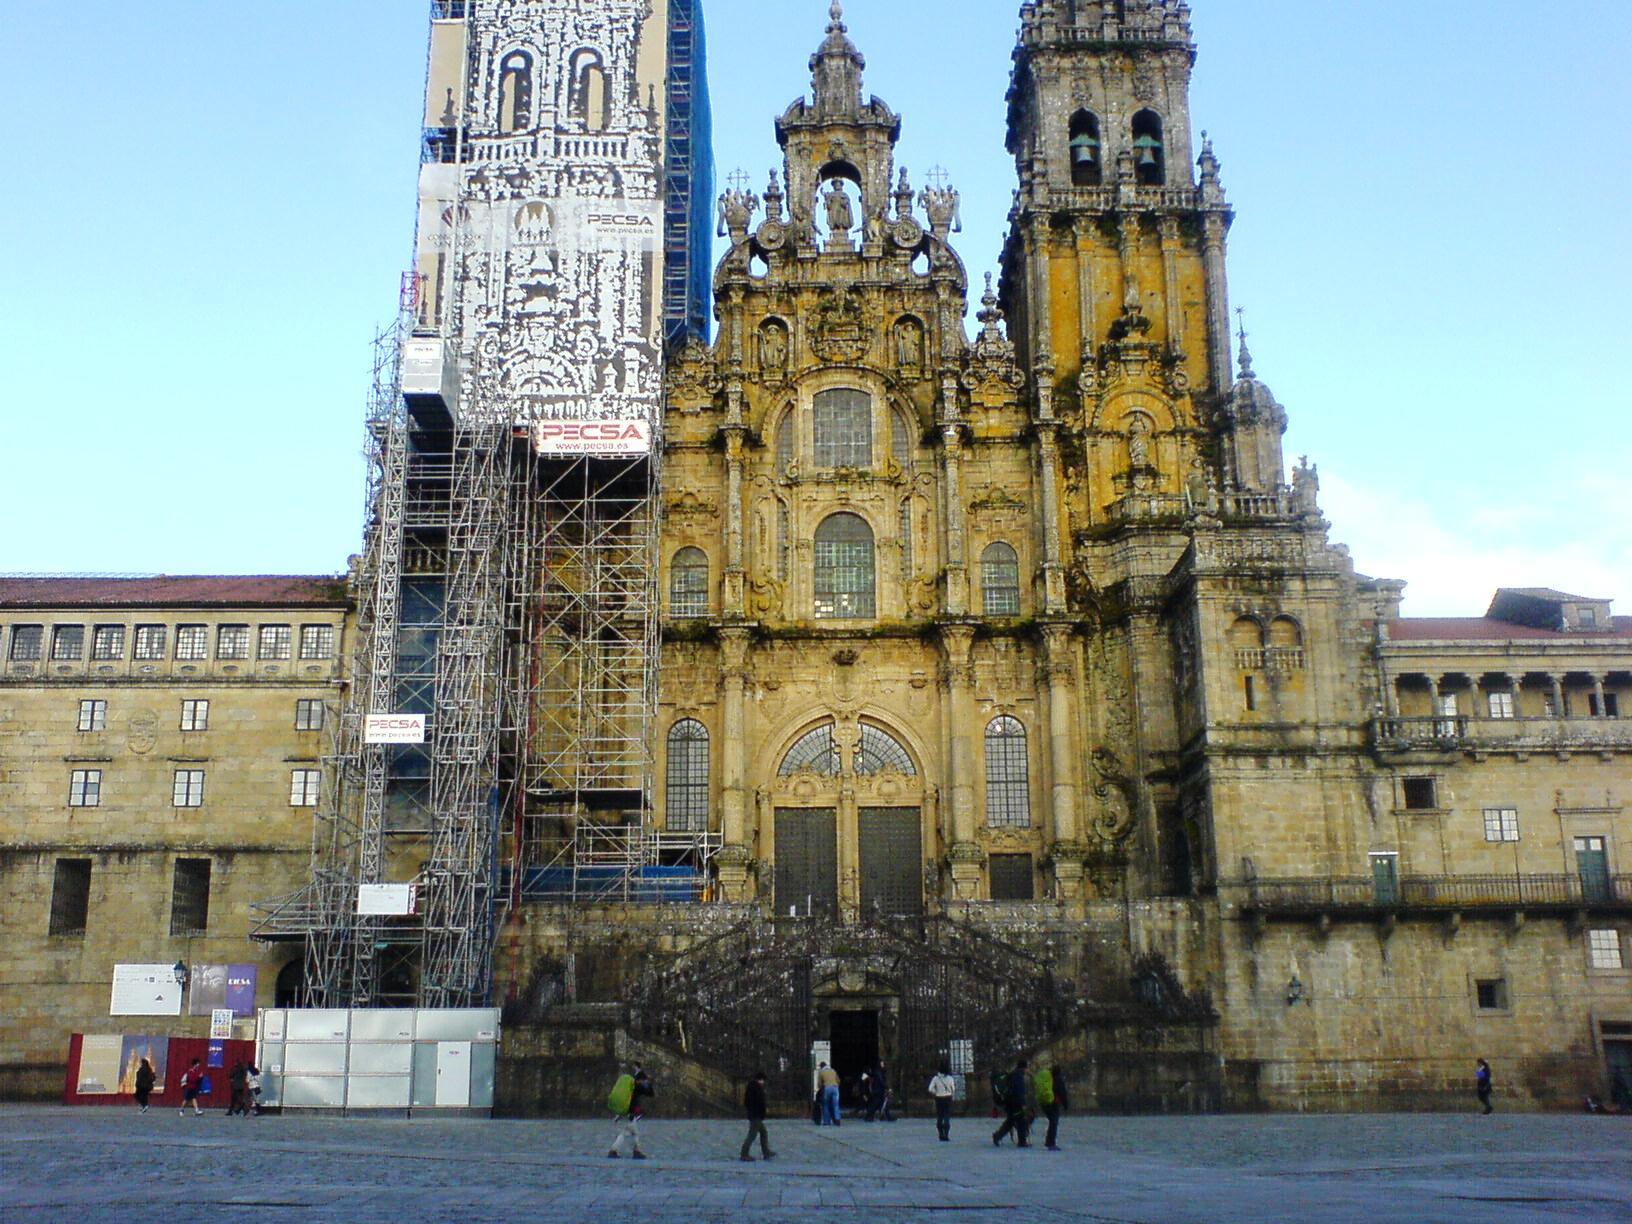 Die Kathedrale von Santiago, geknipst bei meiner ersten Ankunft im März 2014.